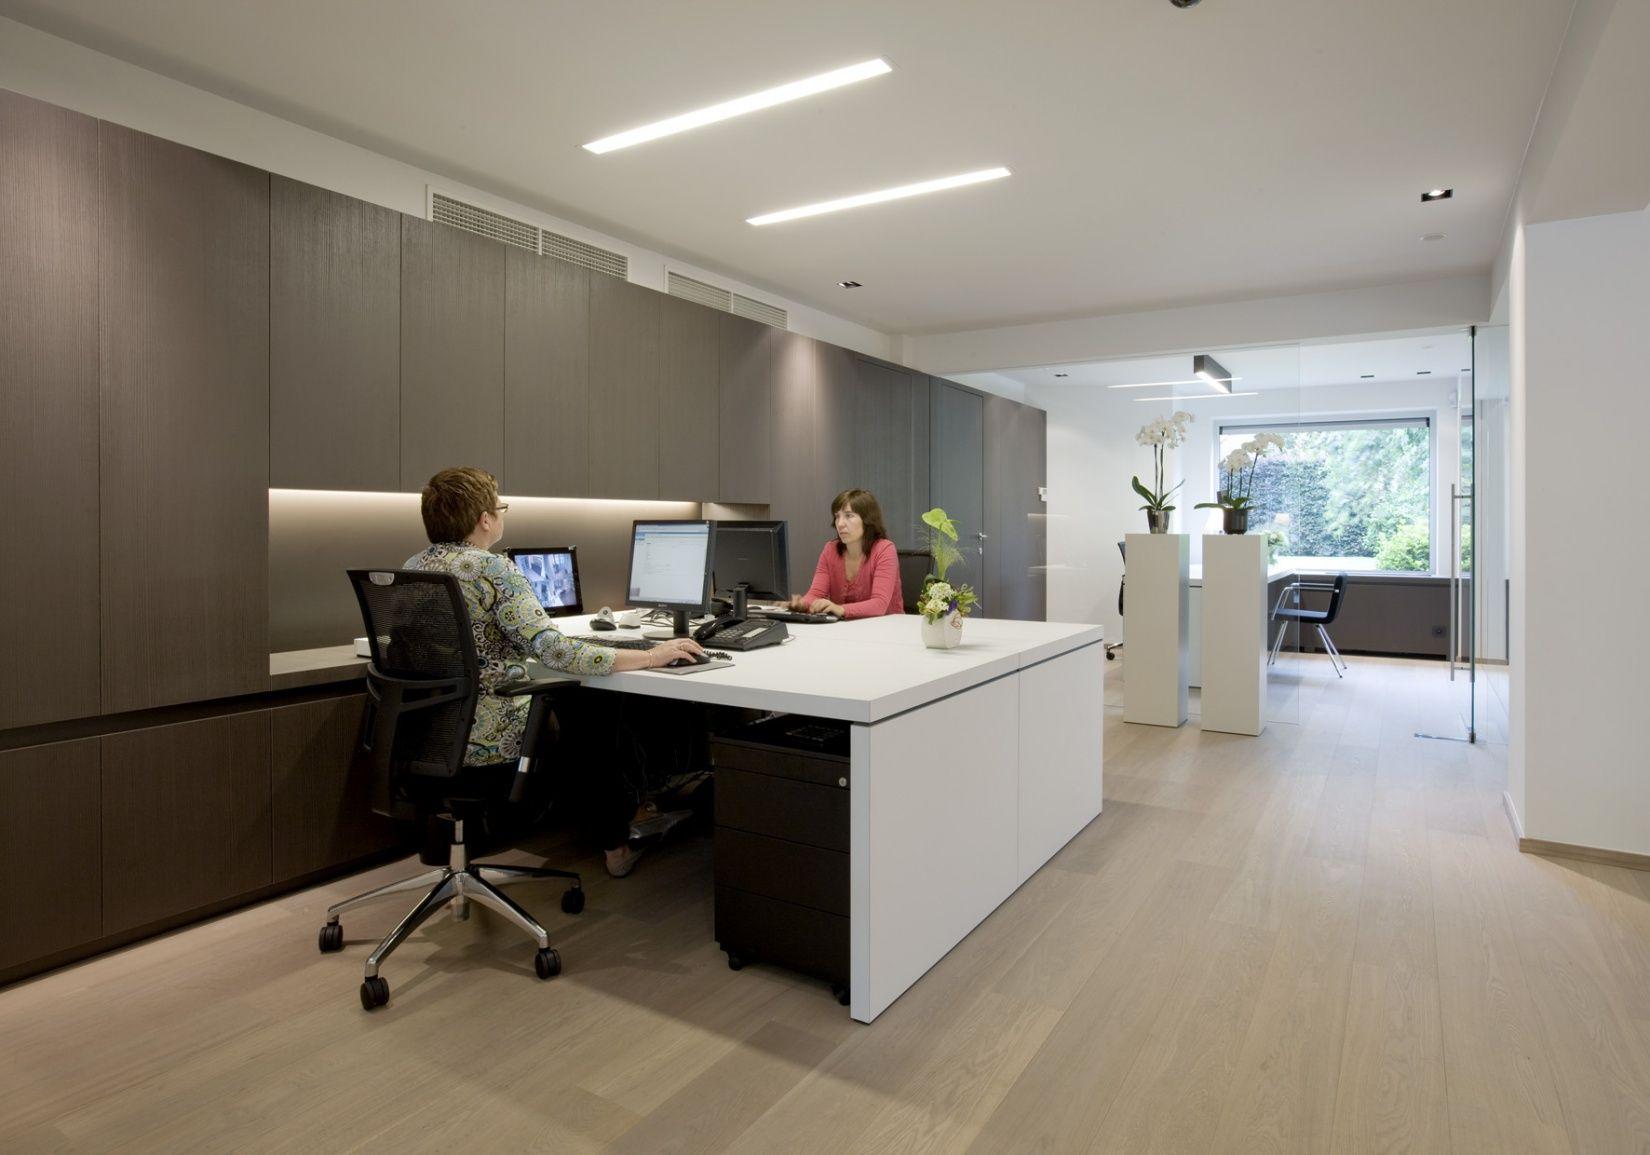 Inrichting kantoorruimte google zoeken tuinkantoor pinterest zoeken en google - Kamer en kantoor ...